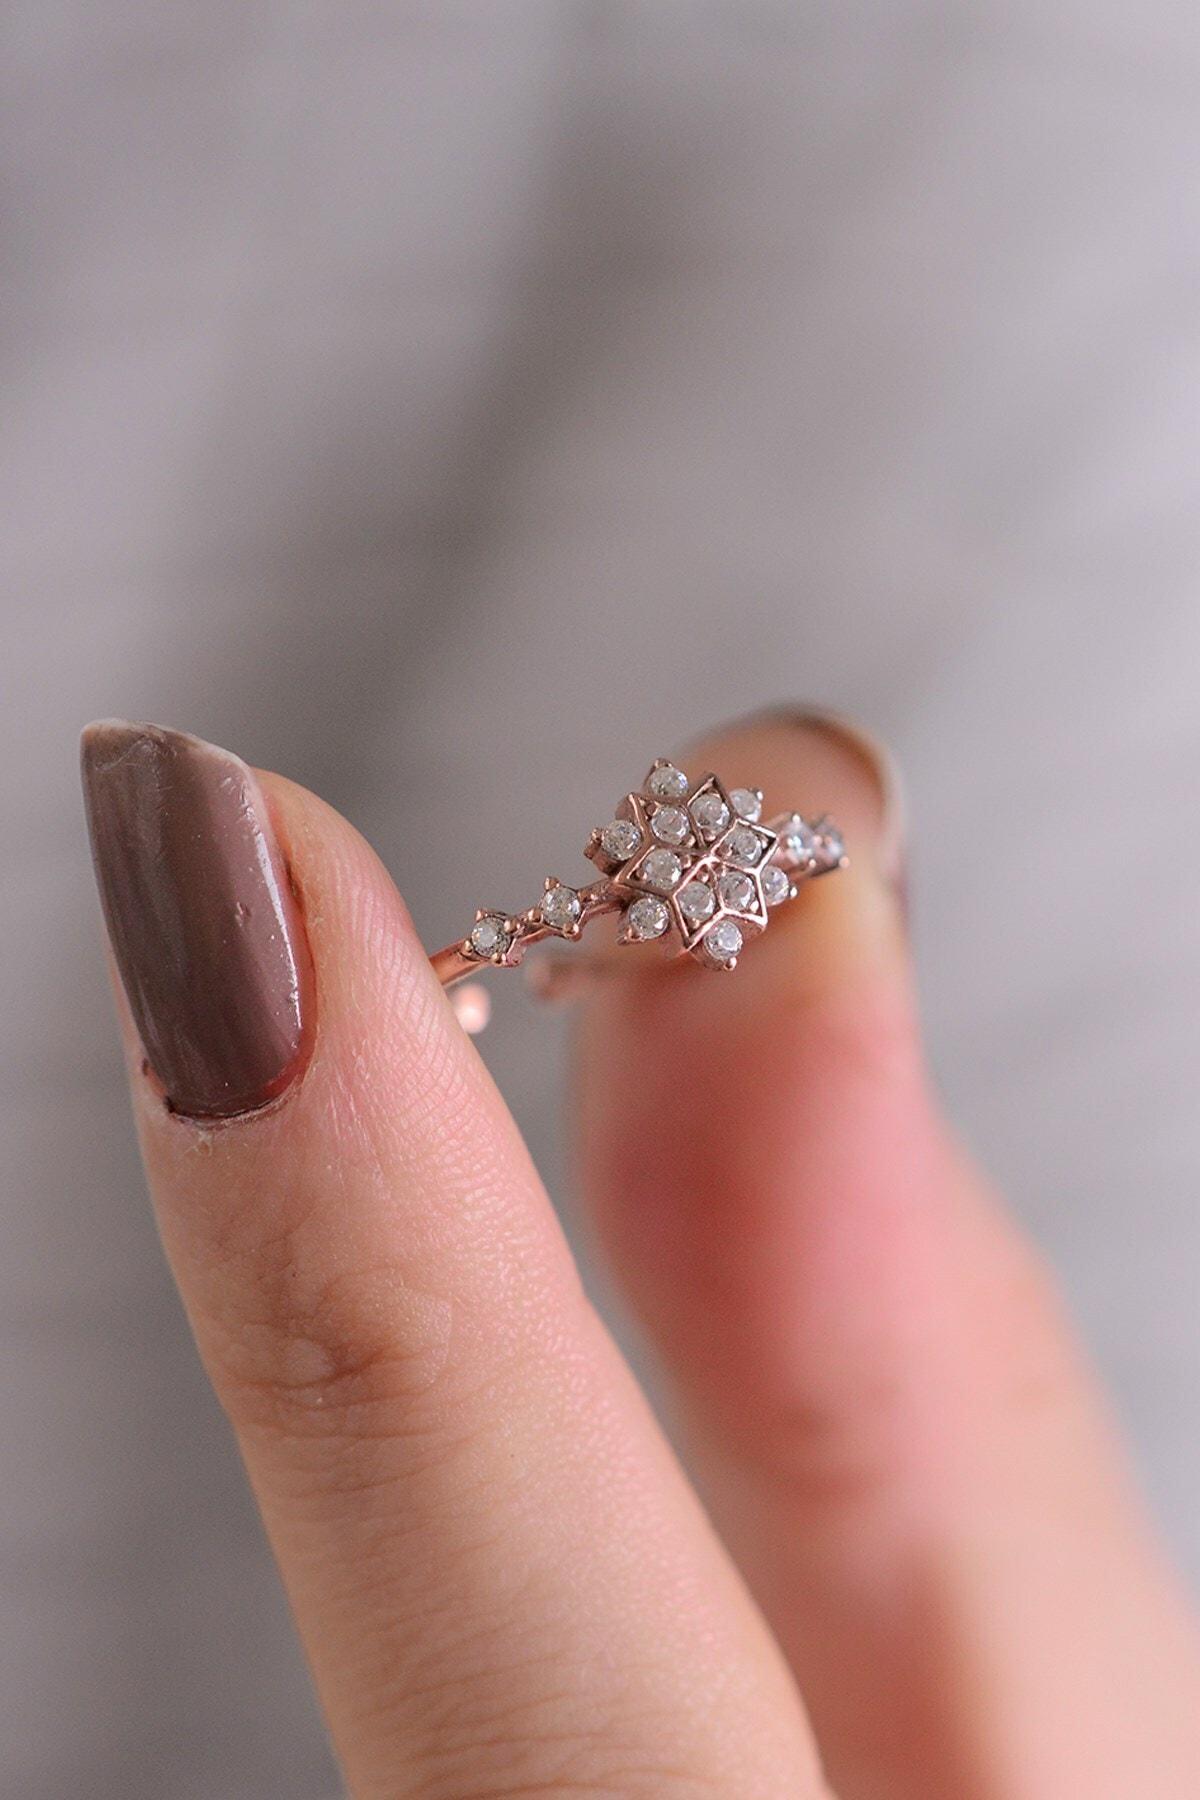 PETRİKOR Kristal Kar Tanesi Motifli Ayarlanabilir Kadın 14 K Altın Kaplama Yüzük 1